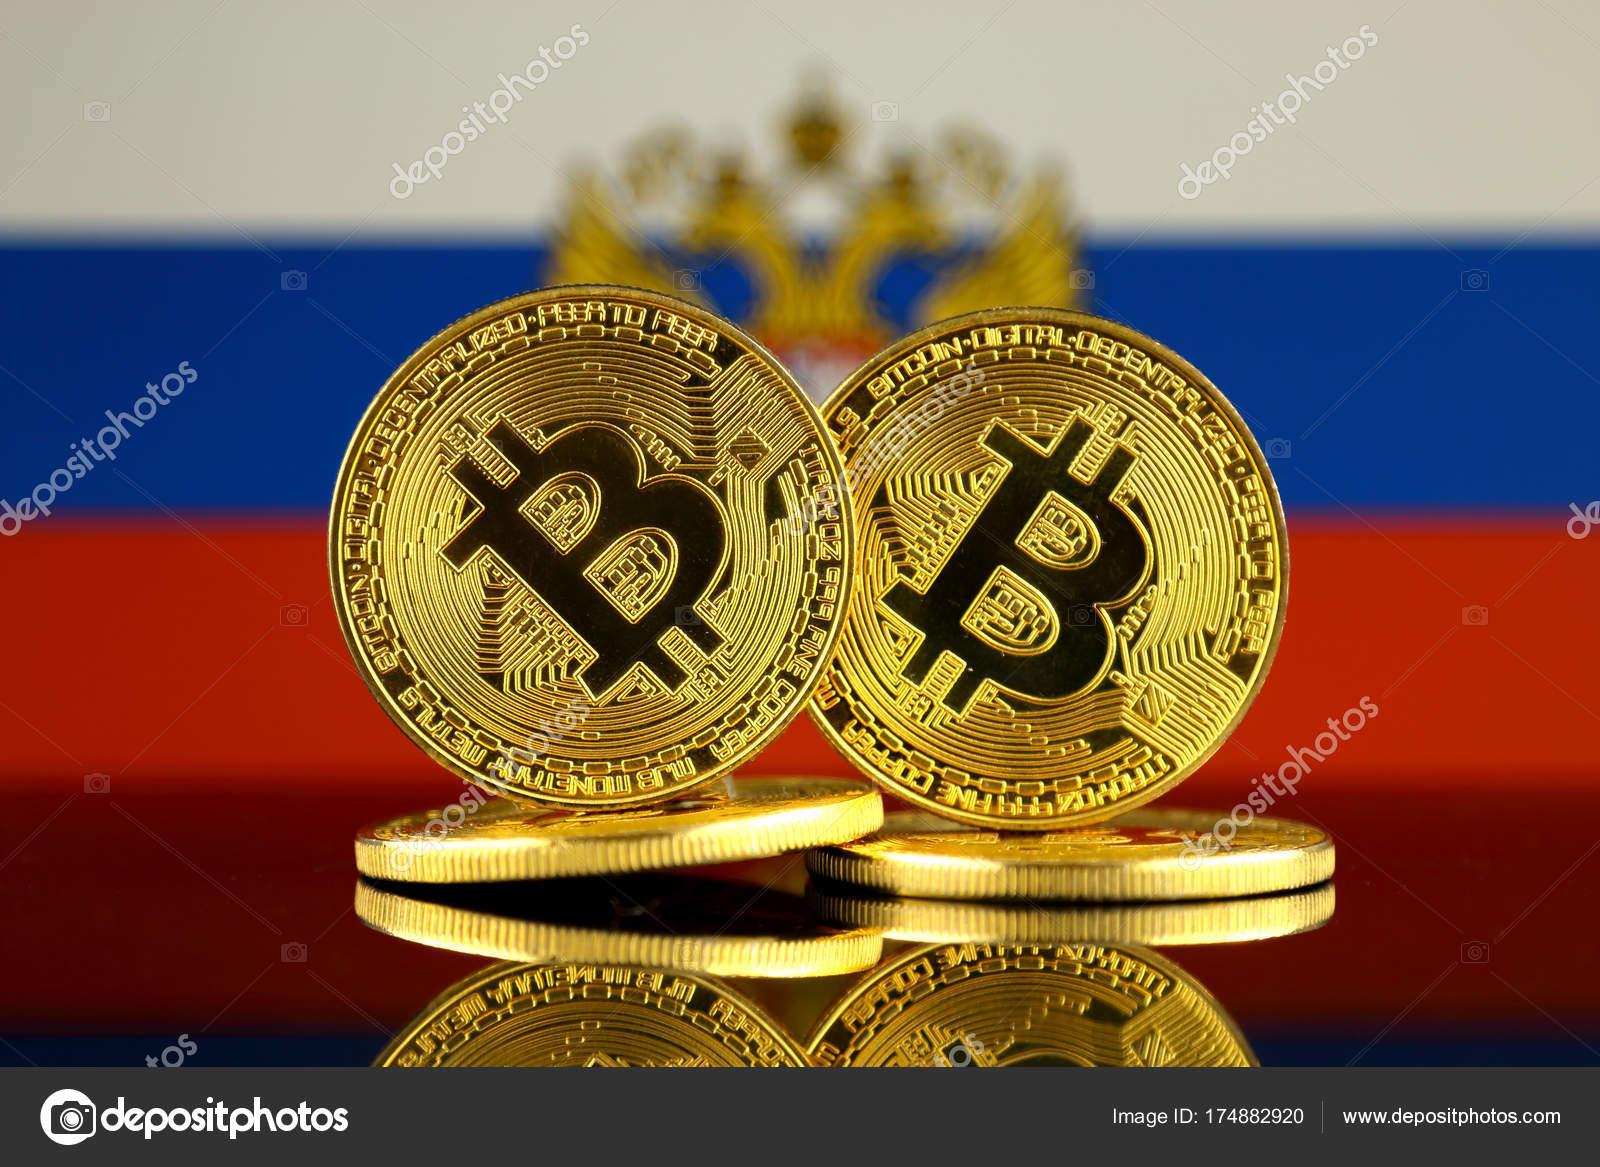 Verso fsica bitcoin bandeira rssia close fotografia de stock verso fsica bitcoin bandeira rssia close fotografia de stock ccuart Choice Image